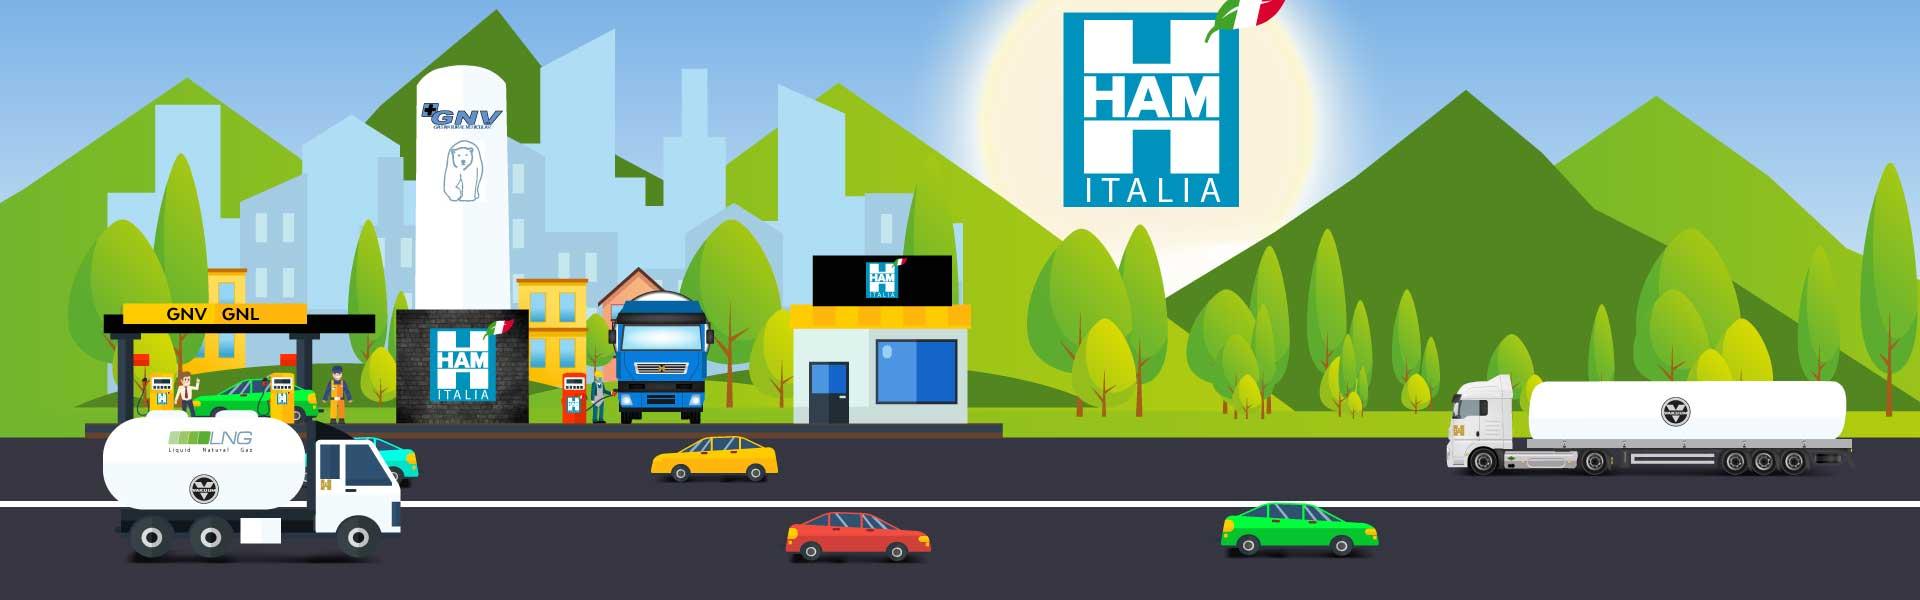 Thank You Page dal gruppo Ham Italia. Abbiamo ricevuto la tua posta